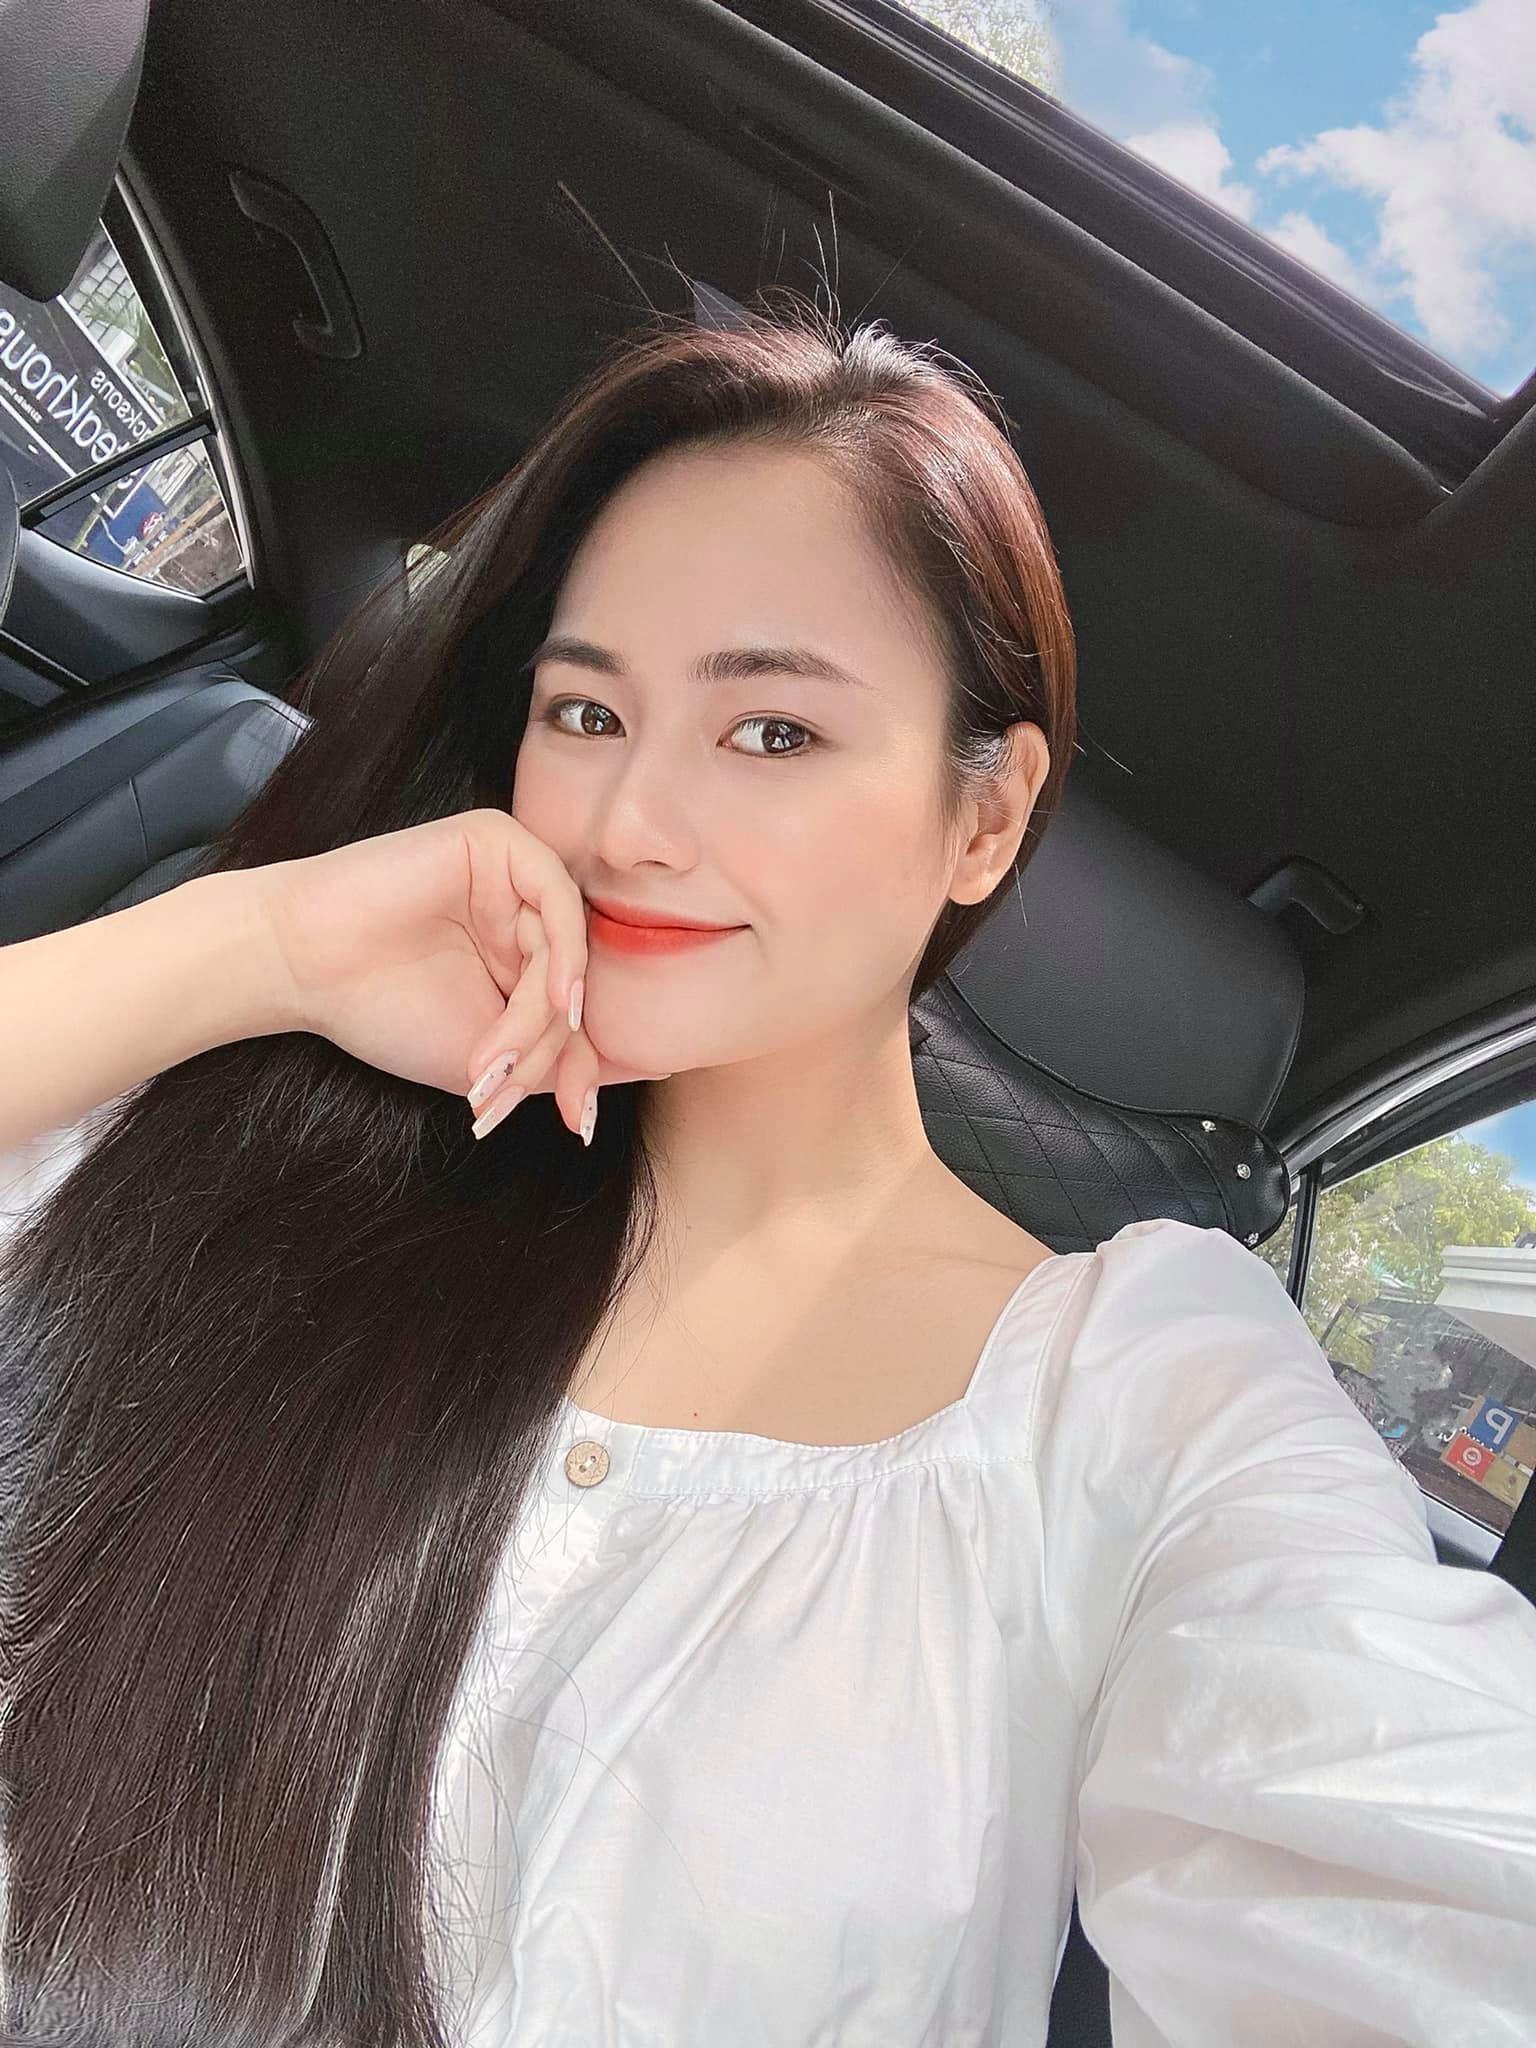 Điều ít biết về vợ xinh đẹp sắp cưới của Long trong phim hot Hương vị tình thân - Ảnh 3.